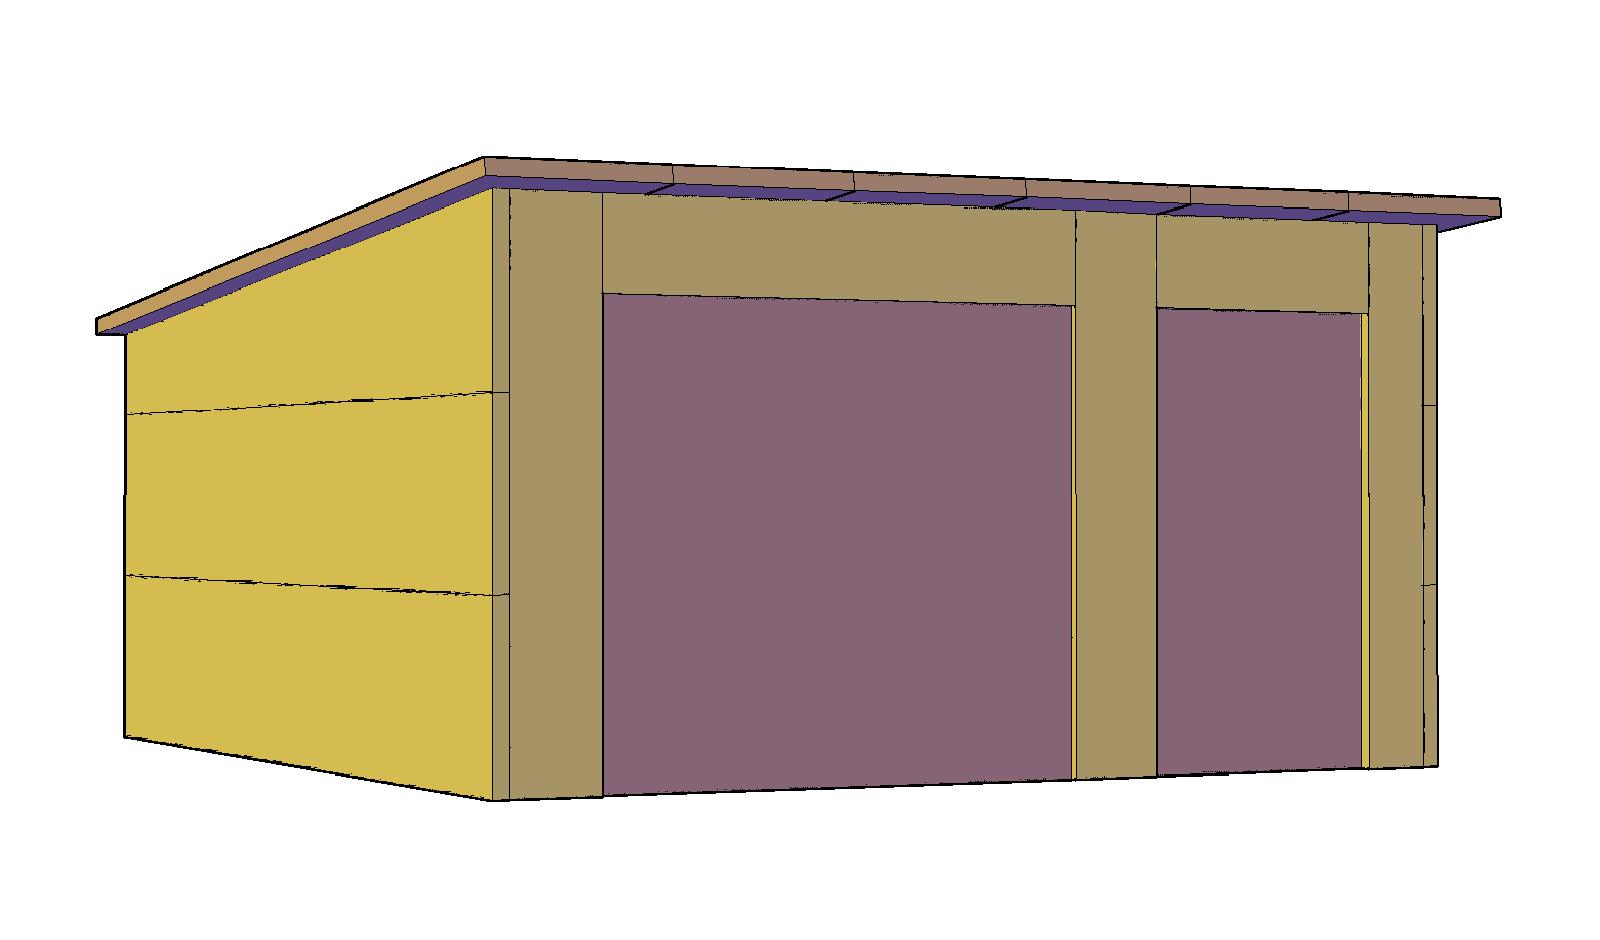 Модель гаража на фото